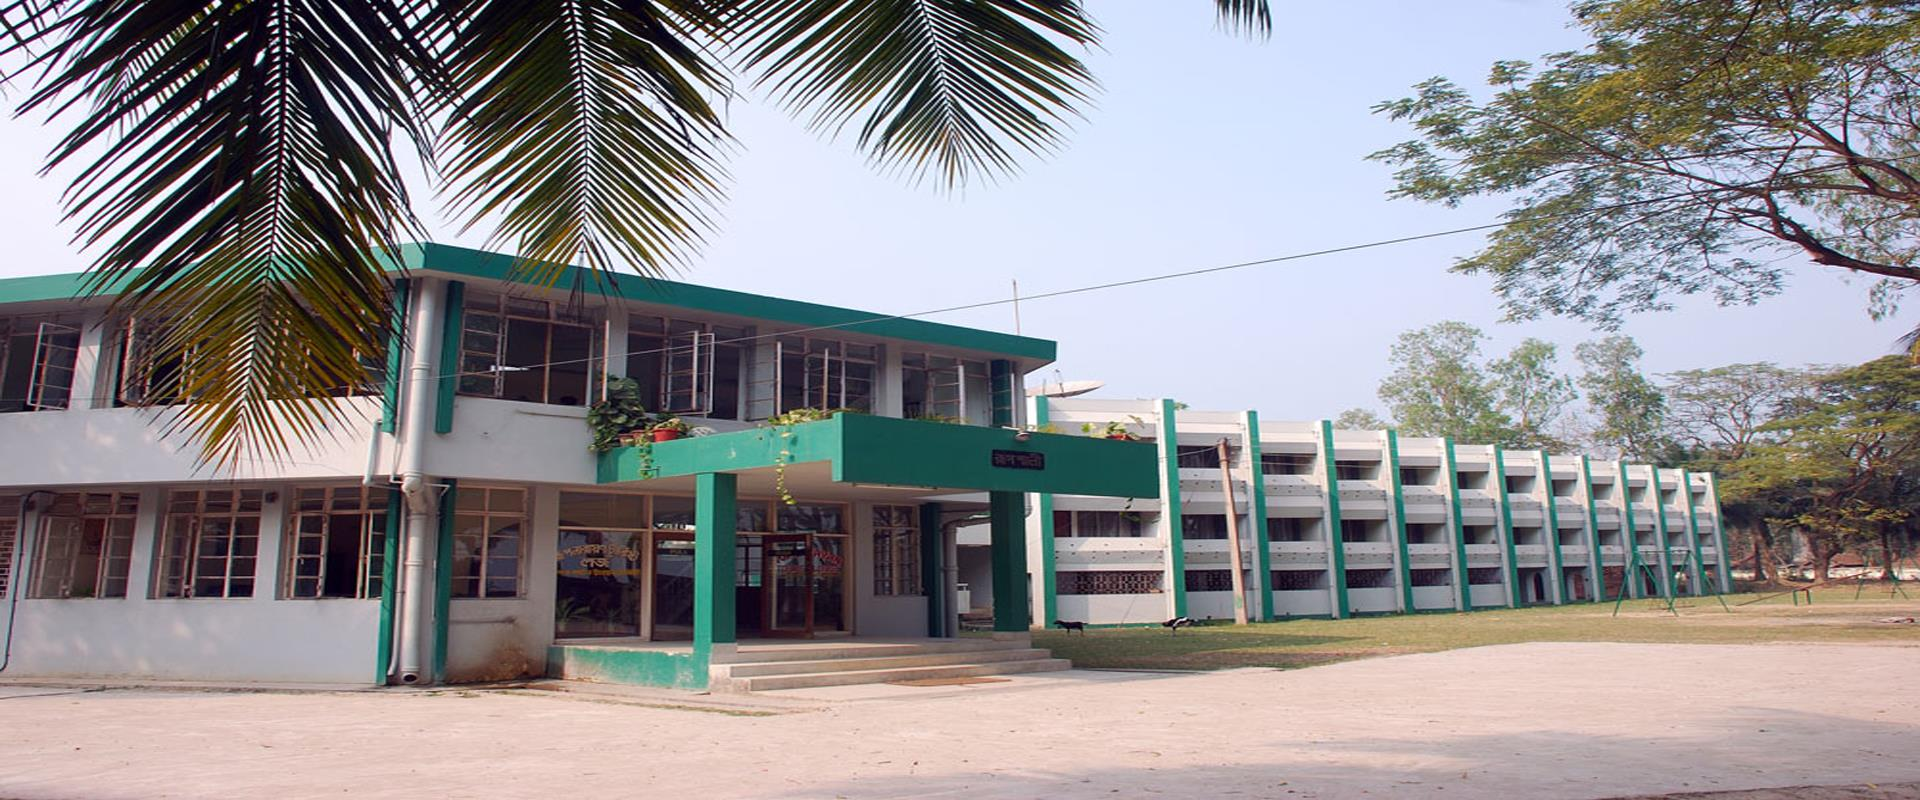 Gadiara Image